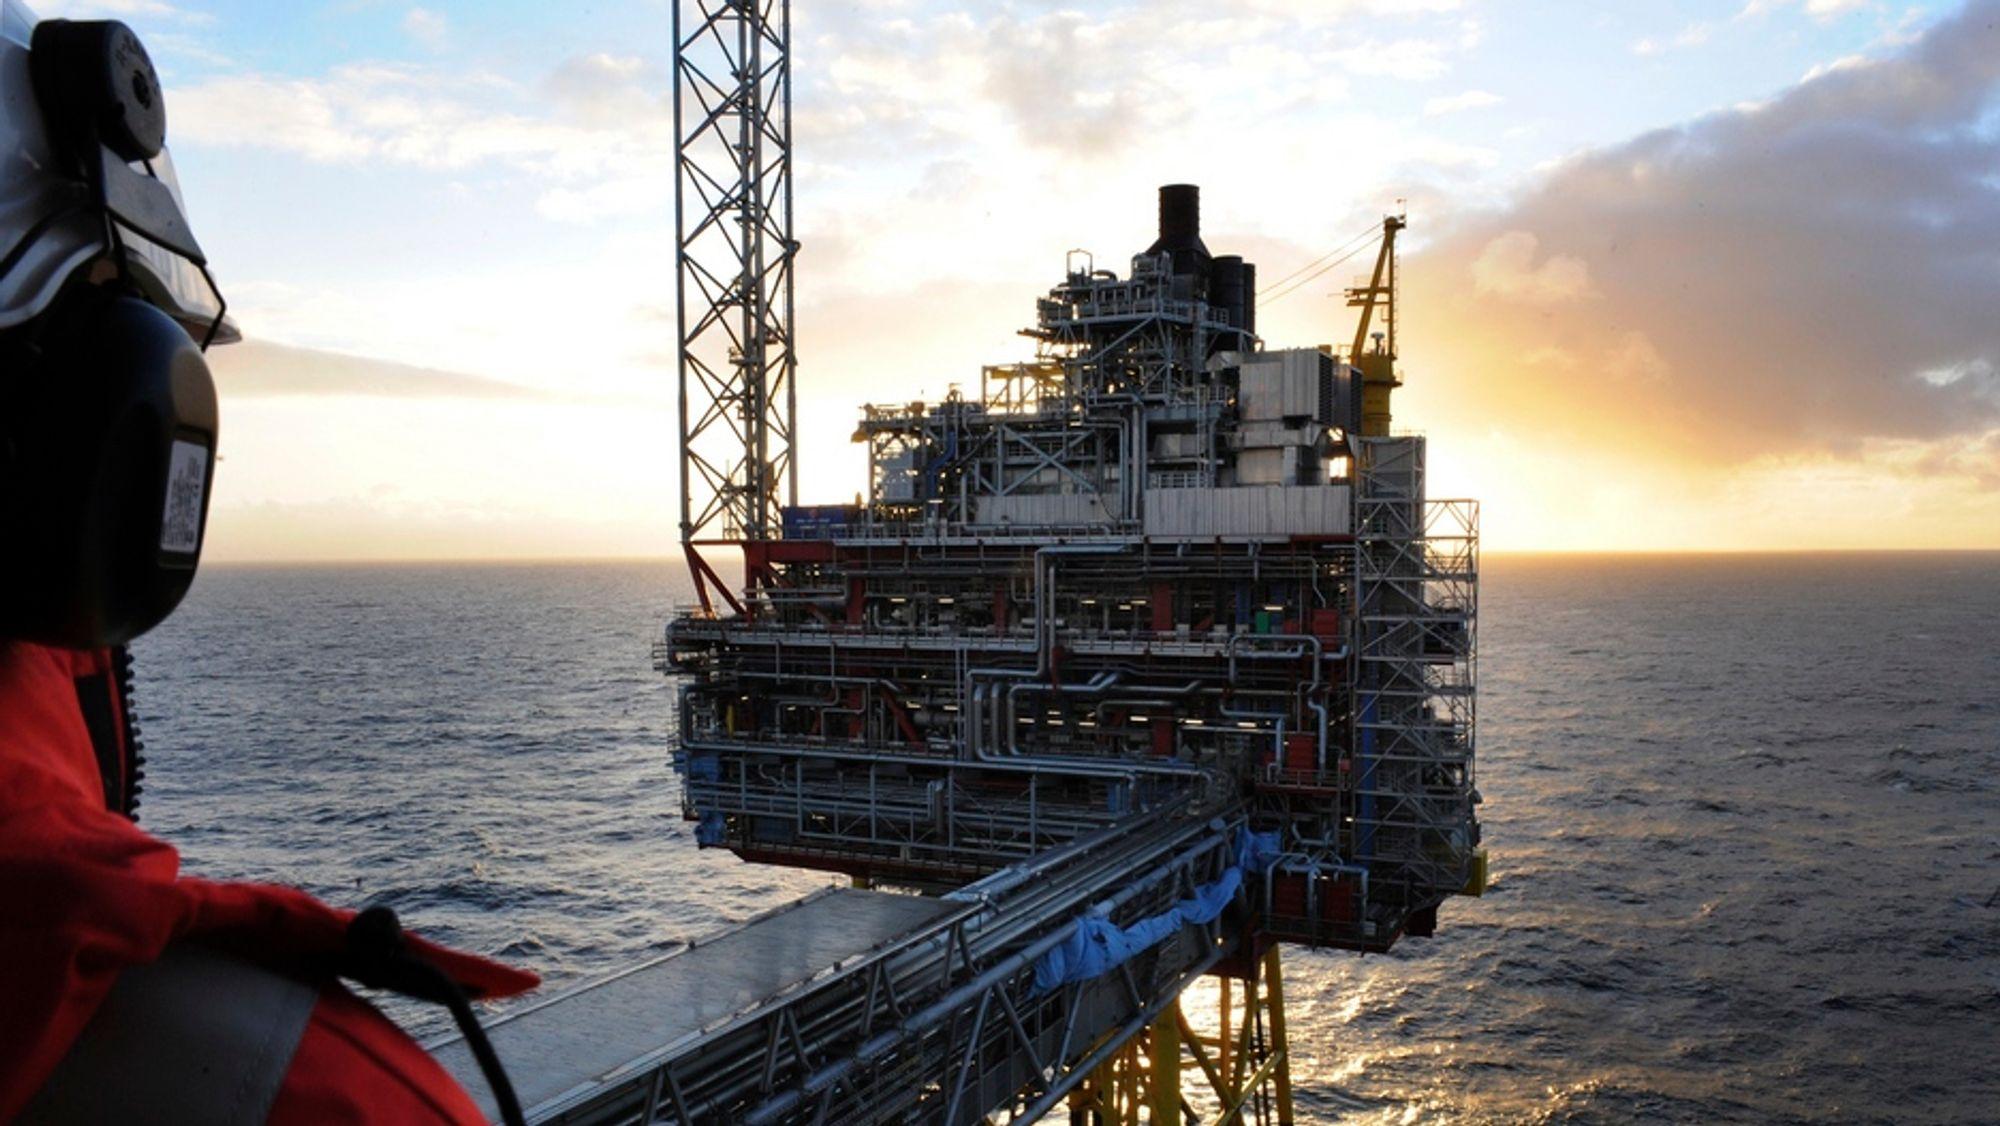 Statoil, her representert ved Oseberg-feltet, skal jakte nye teknologier og inviterer til en global konkurranse for gründere og innovatører.